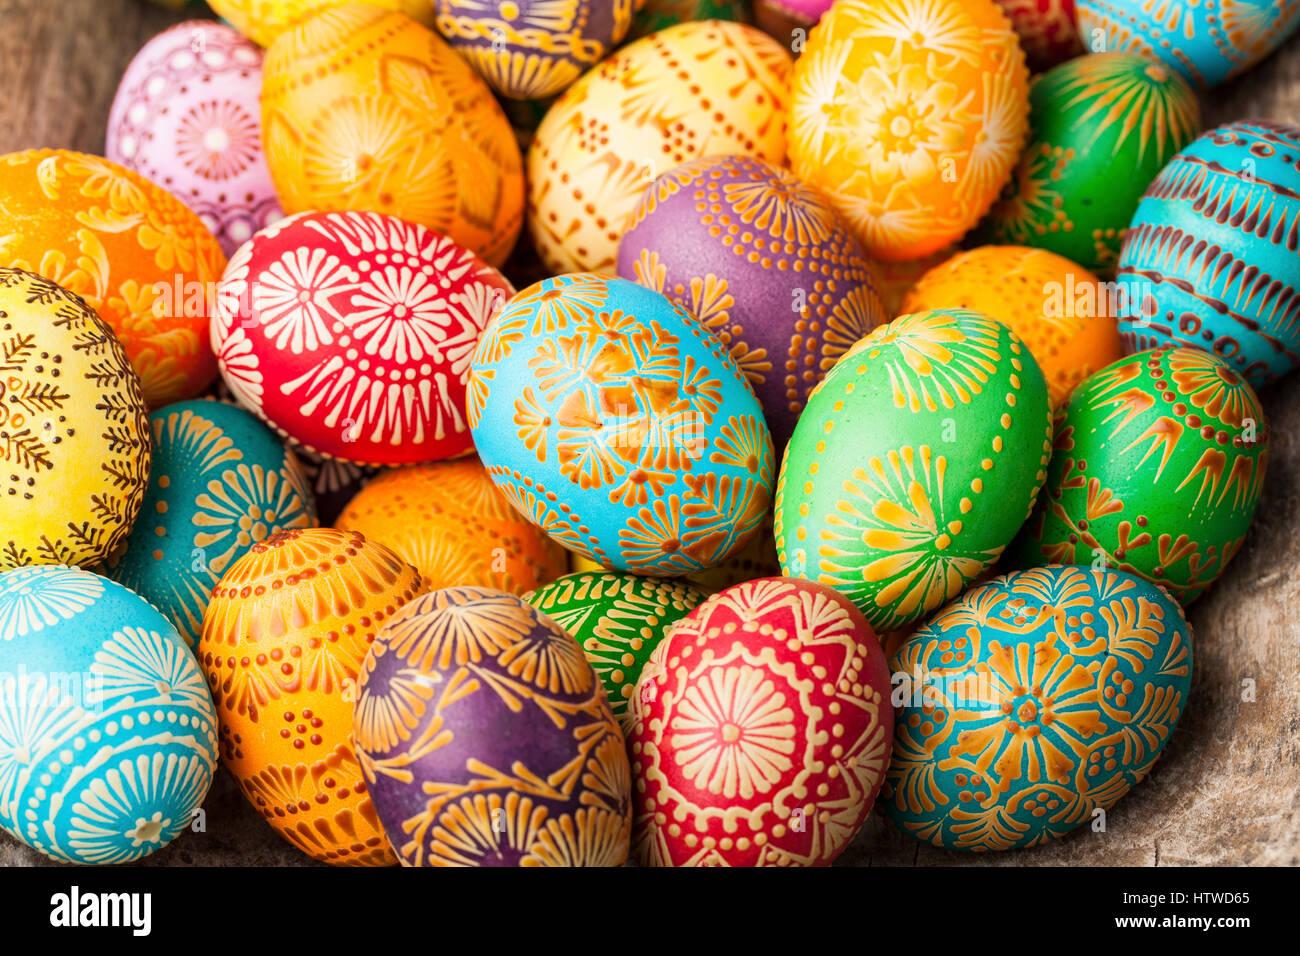 Le uova di pasqua pasquale uova decorate con cera d 39 api per celebrare la pasqua la sua - Uova di pasqua decorate ...